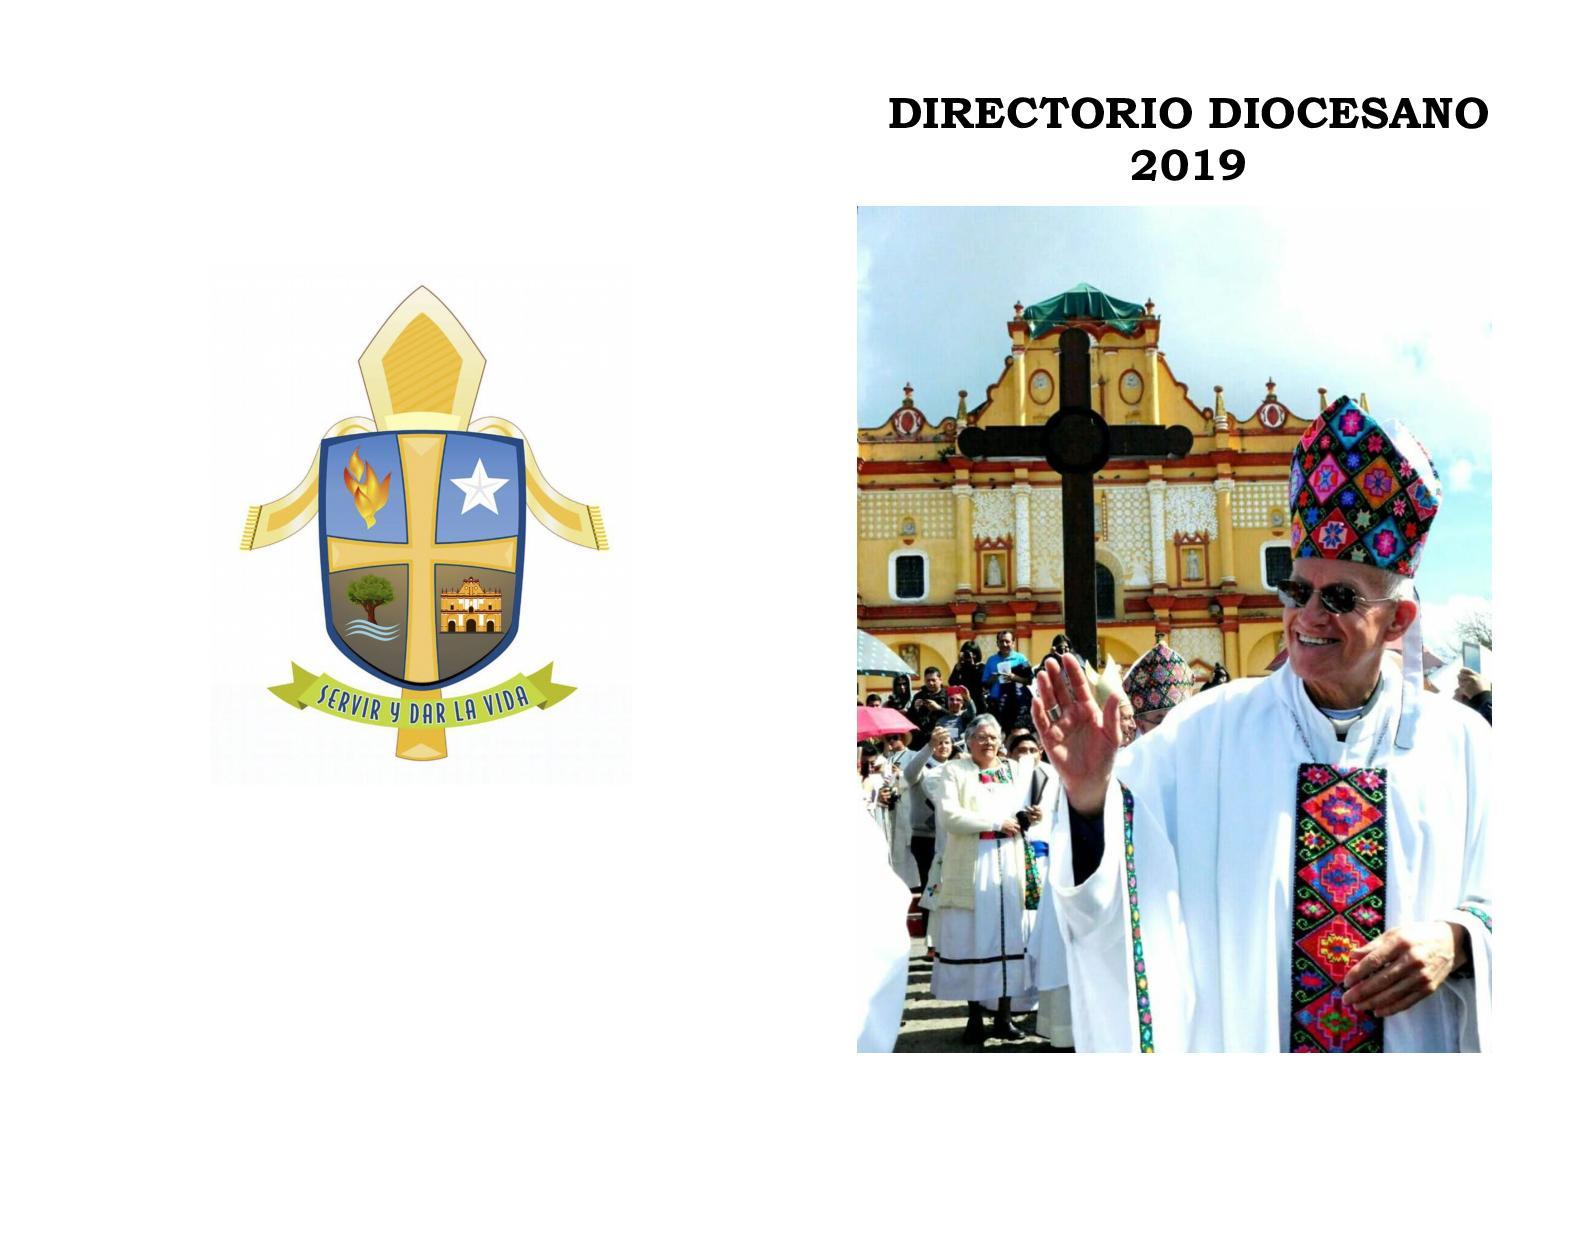 Directorio Diocesano 2019